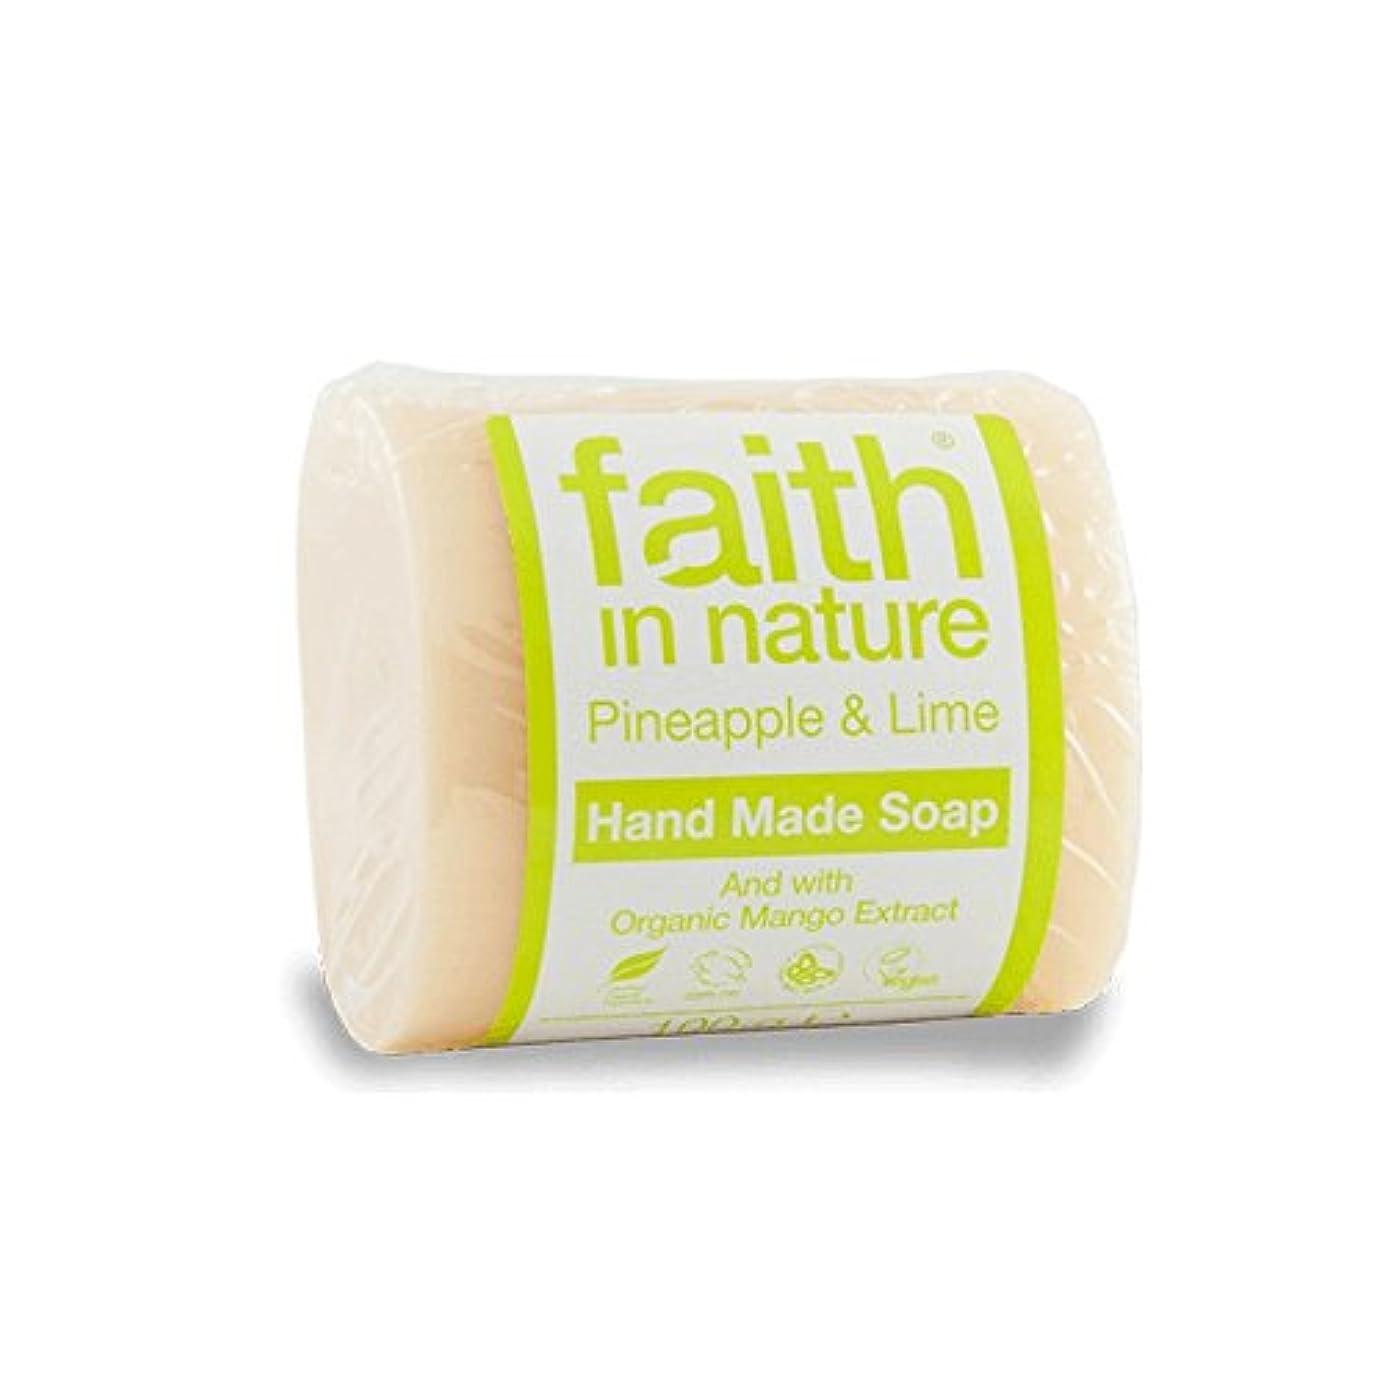 ためらうしょっぱいお別れFaith in Nature Pineapple & Lime Soap 100g (Pack of 6) - 自然パイナップル&ライムソープ100グラムの信仰 (x6) [並行輸入品]